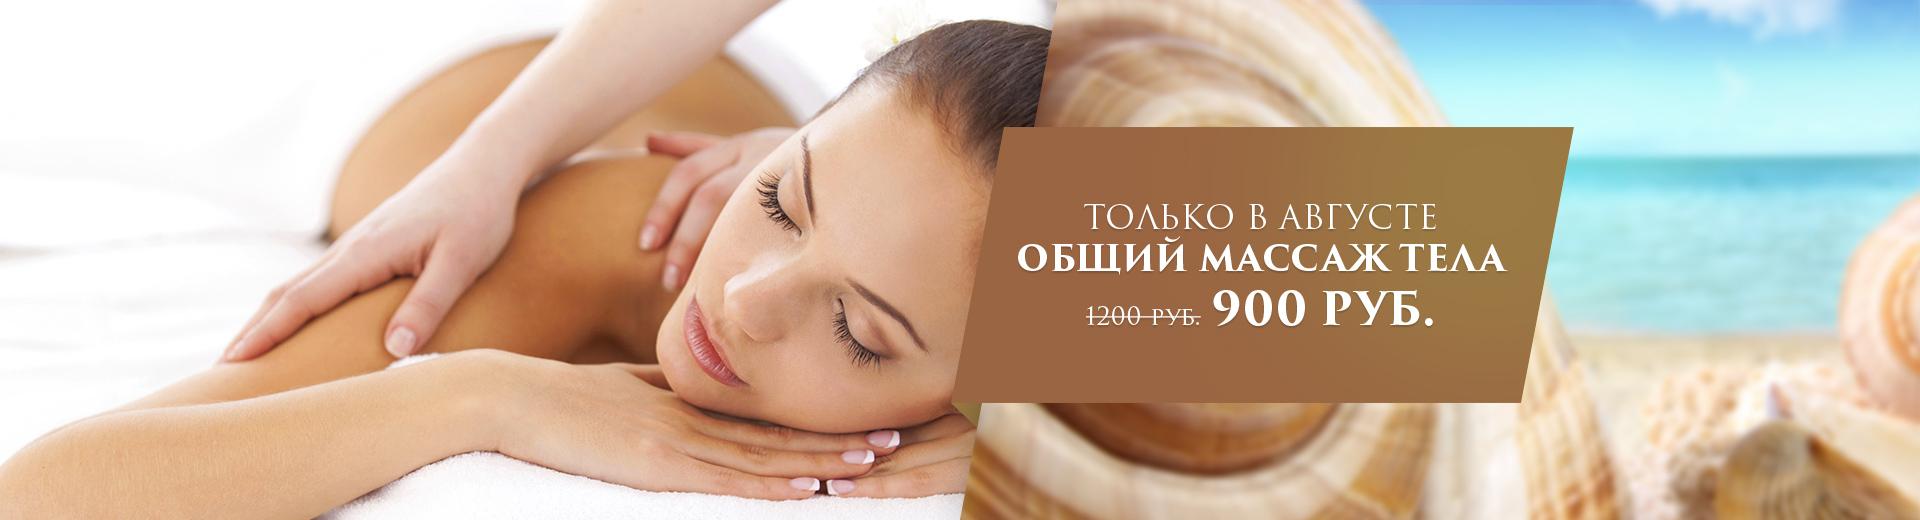 Общий массаж тела 900 рублей